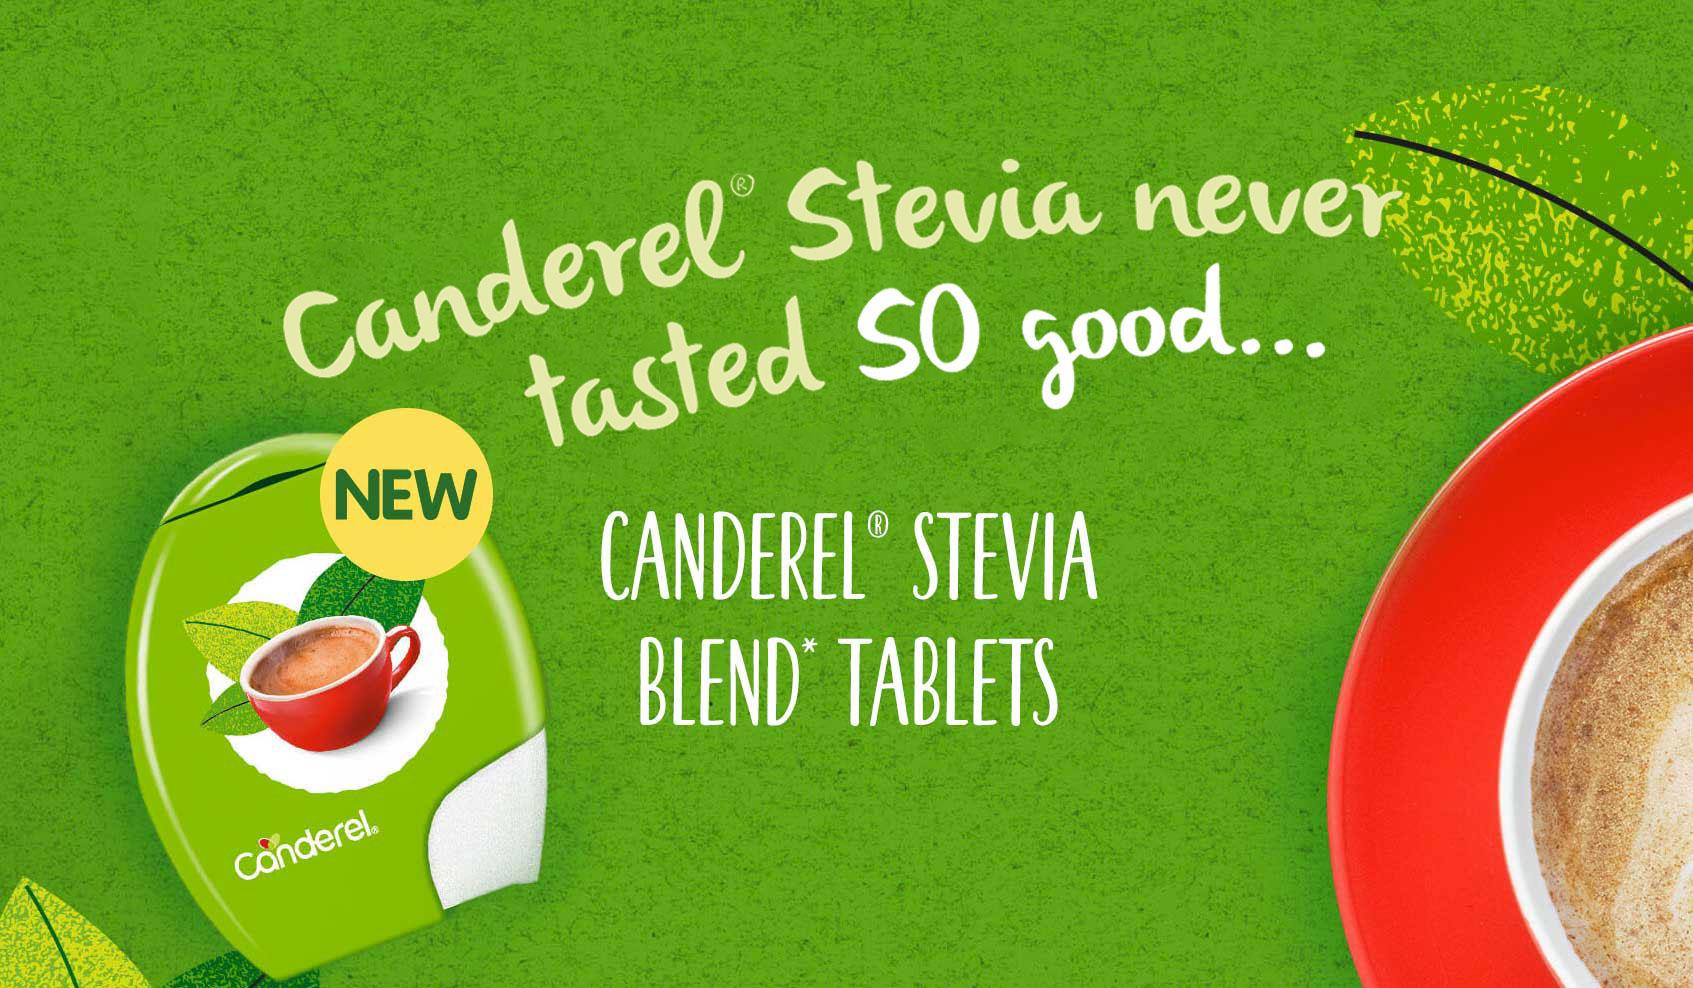 Canderel Stevia never tasted so good. Canderel Stevia Blend tablets. Large coffee and Canderel Stevia Blend tablets packshot